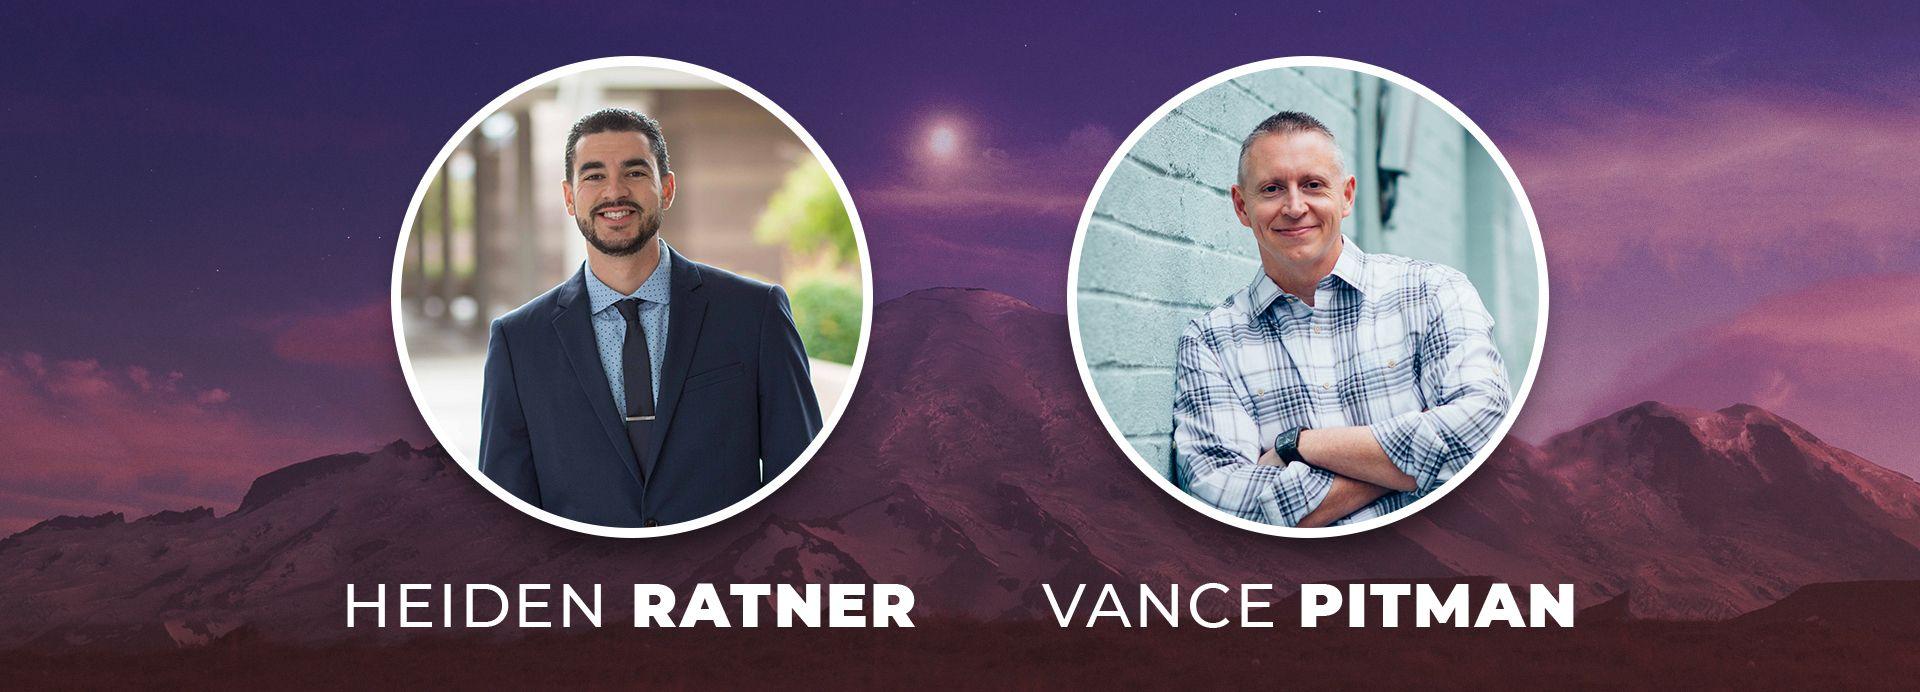 Men's Summit 2020 Speakers: Heiden Ratner, Vance Pitman